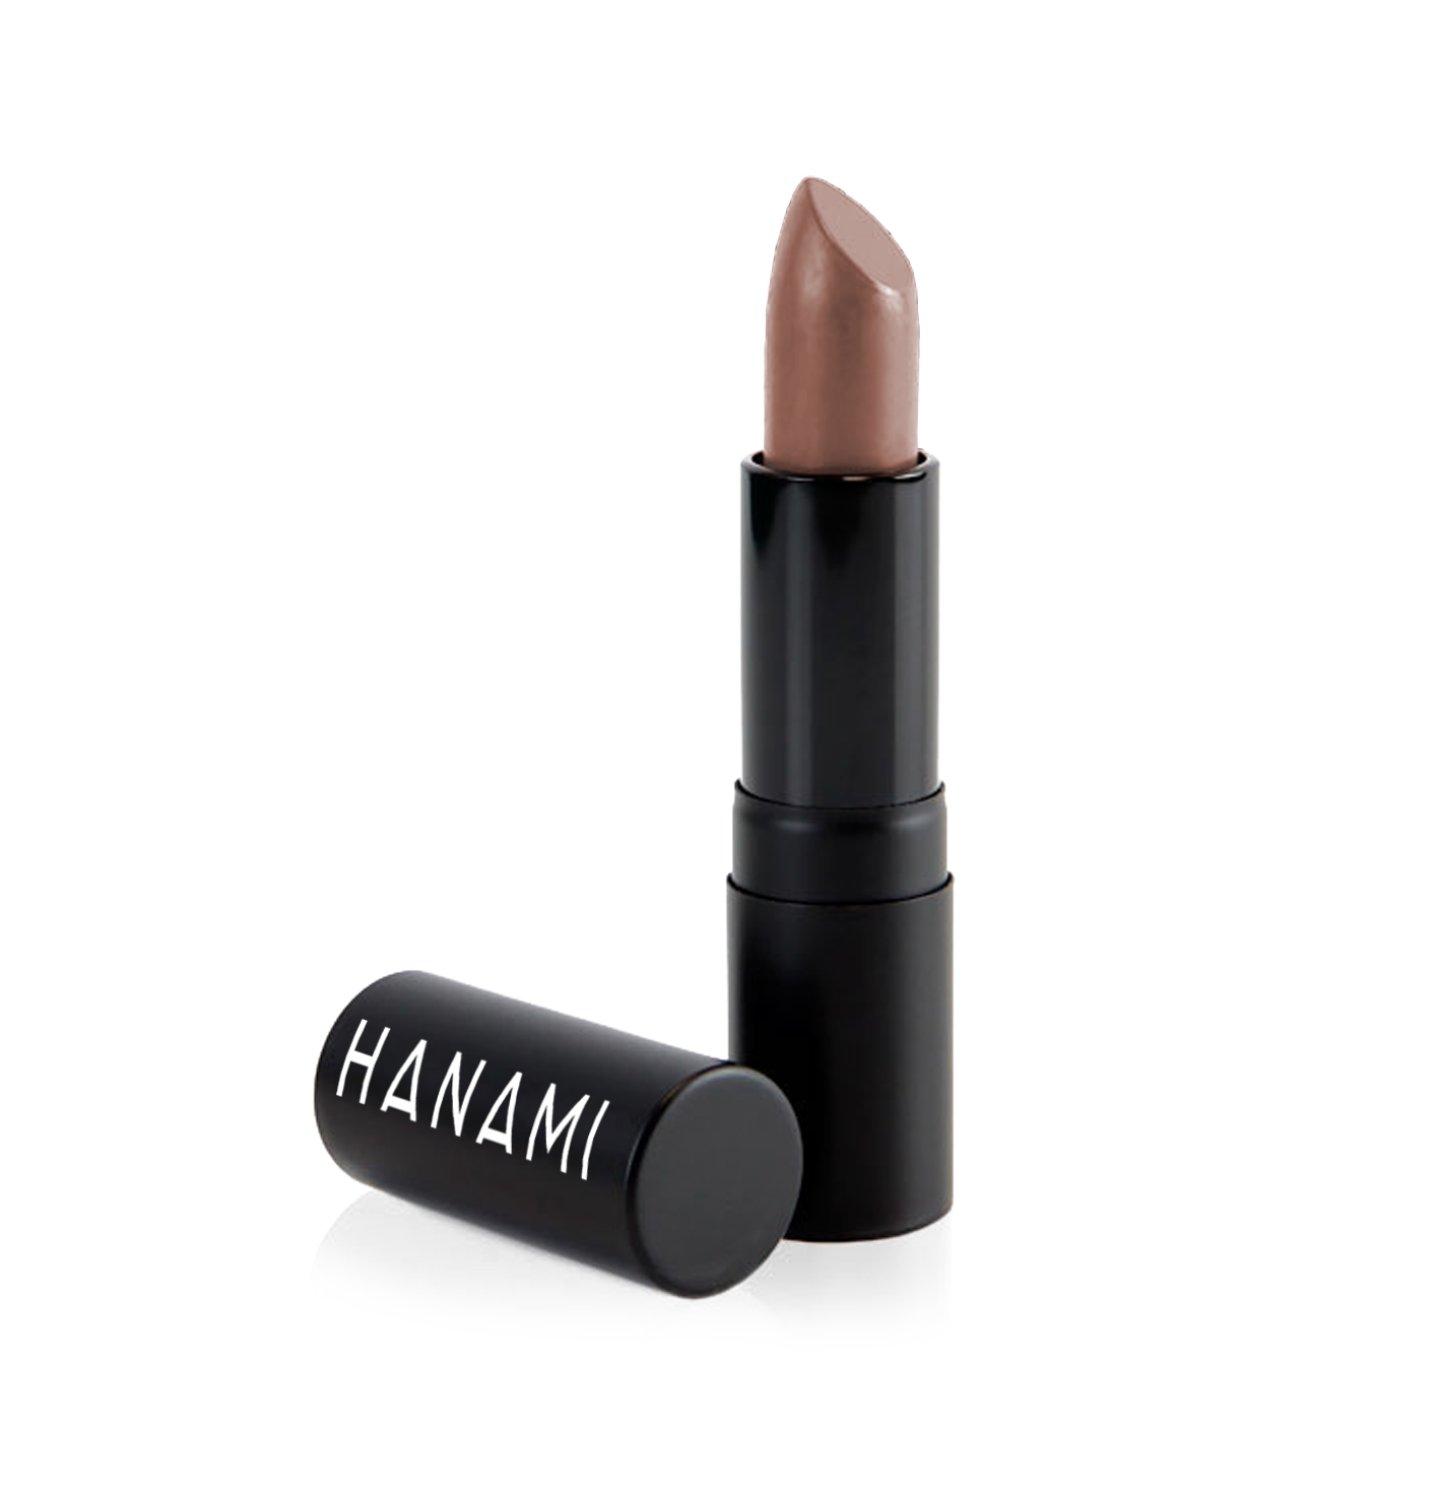 Hanami Lipstick Terra 4.2g_media-03